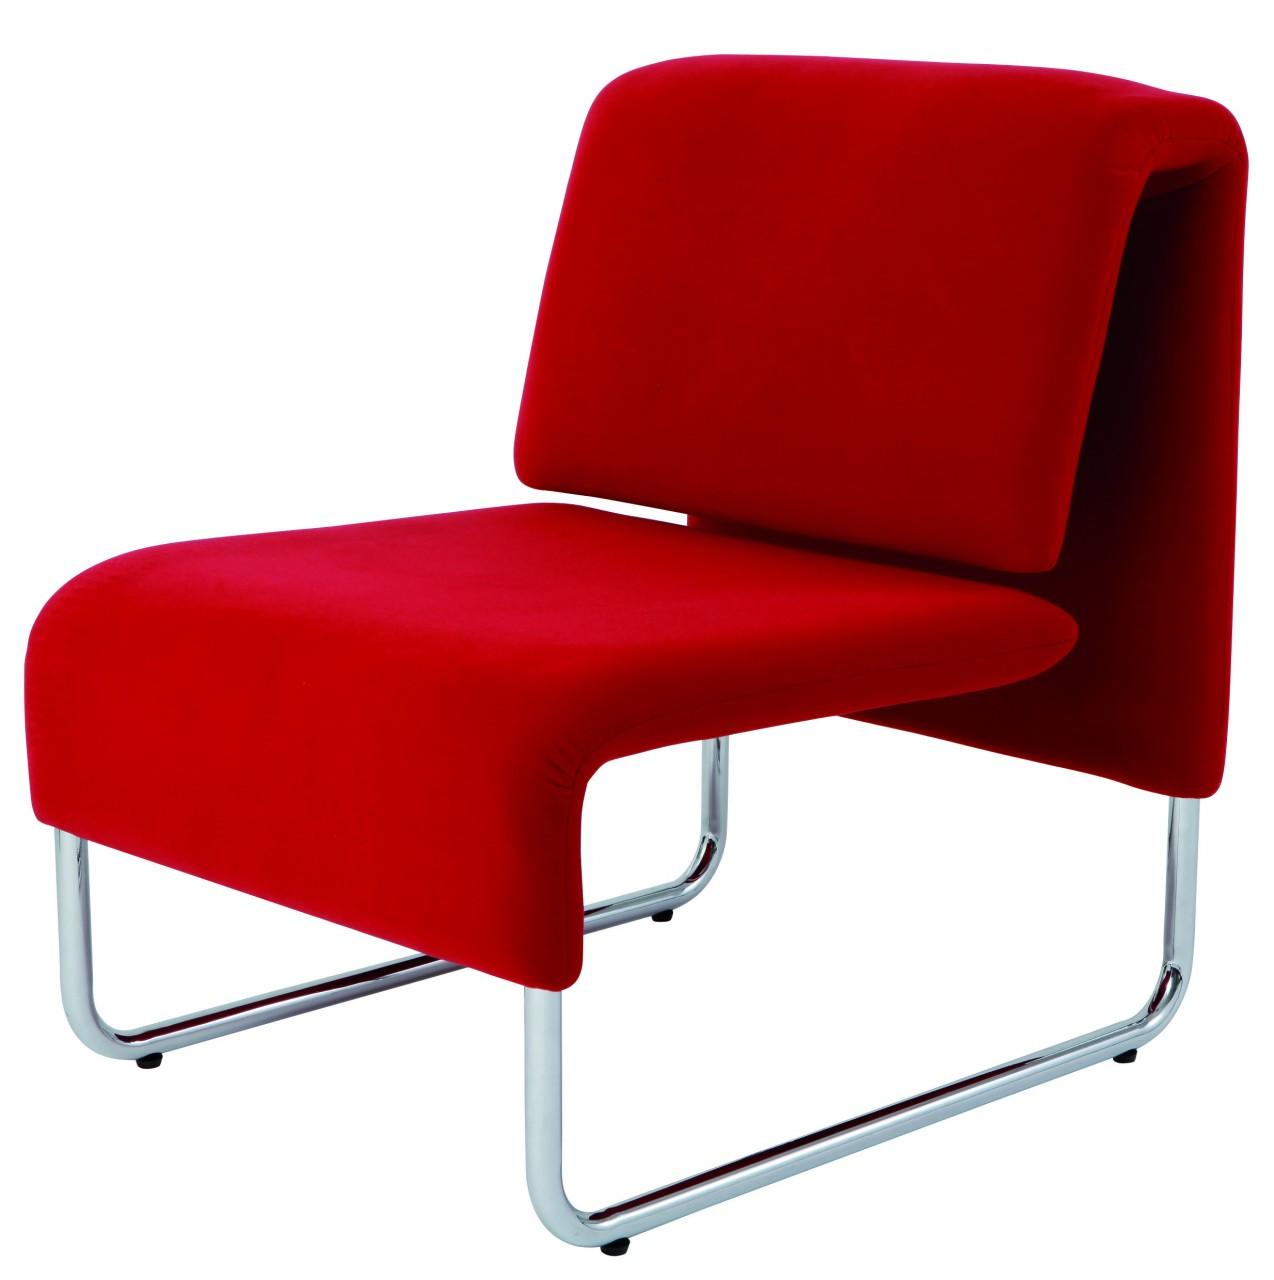 fauteuil d 39 accueil fortis achat fauteuils d 39 accueil canap s 309 00. Black Bedroom Furniture Sets. Home Design Ideas